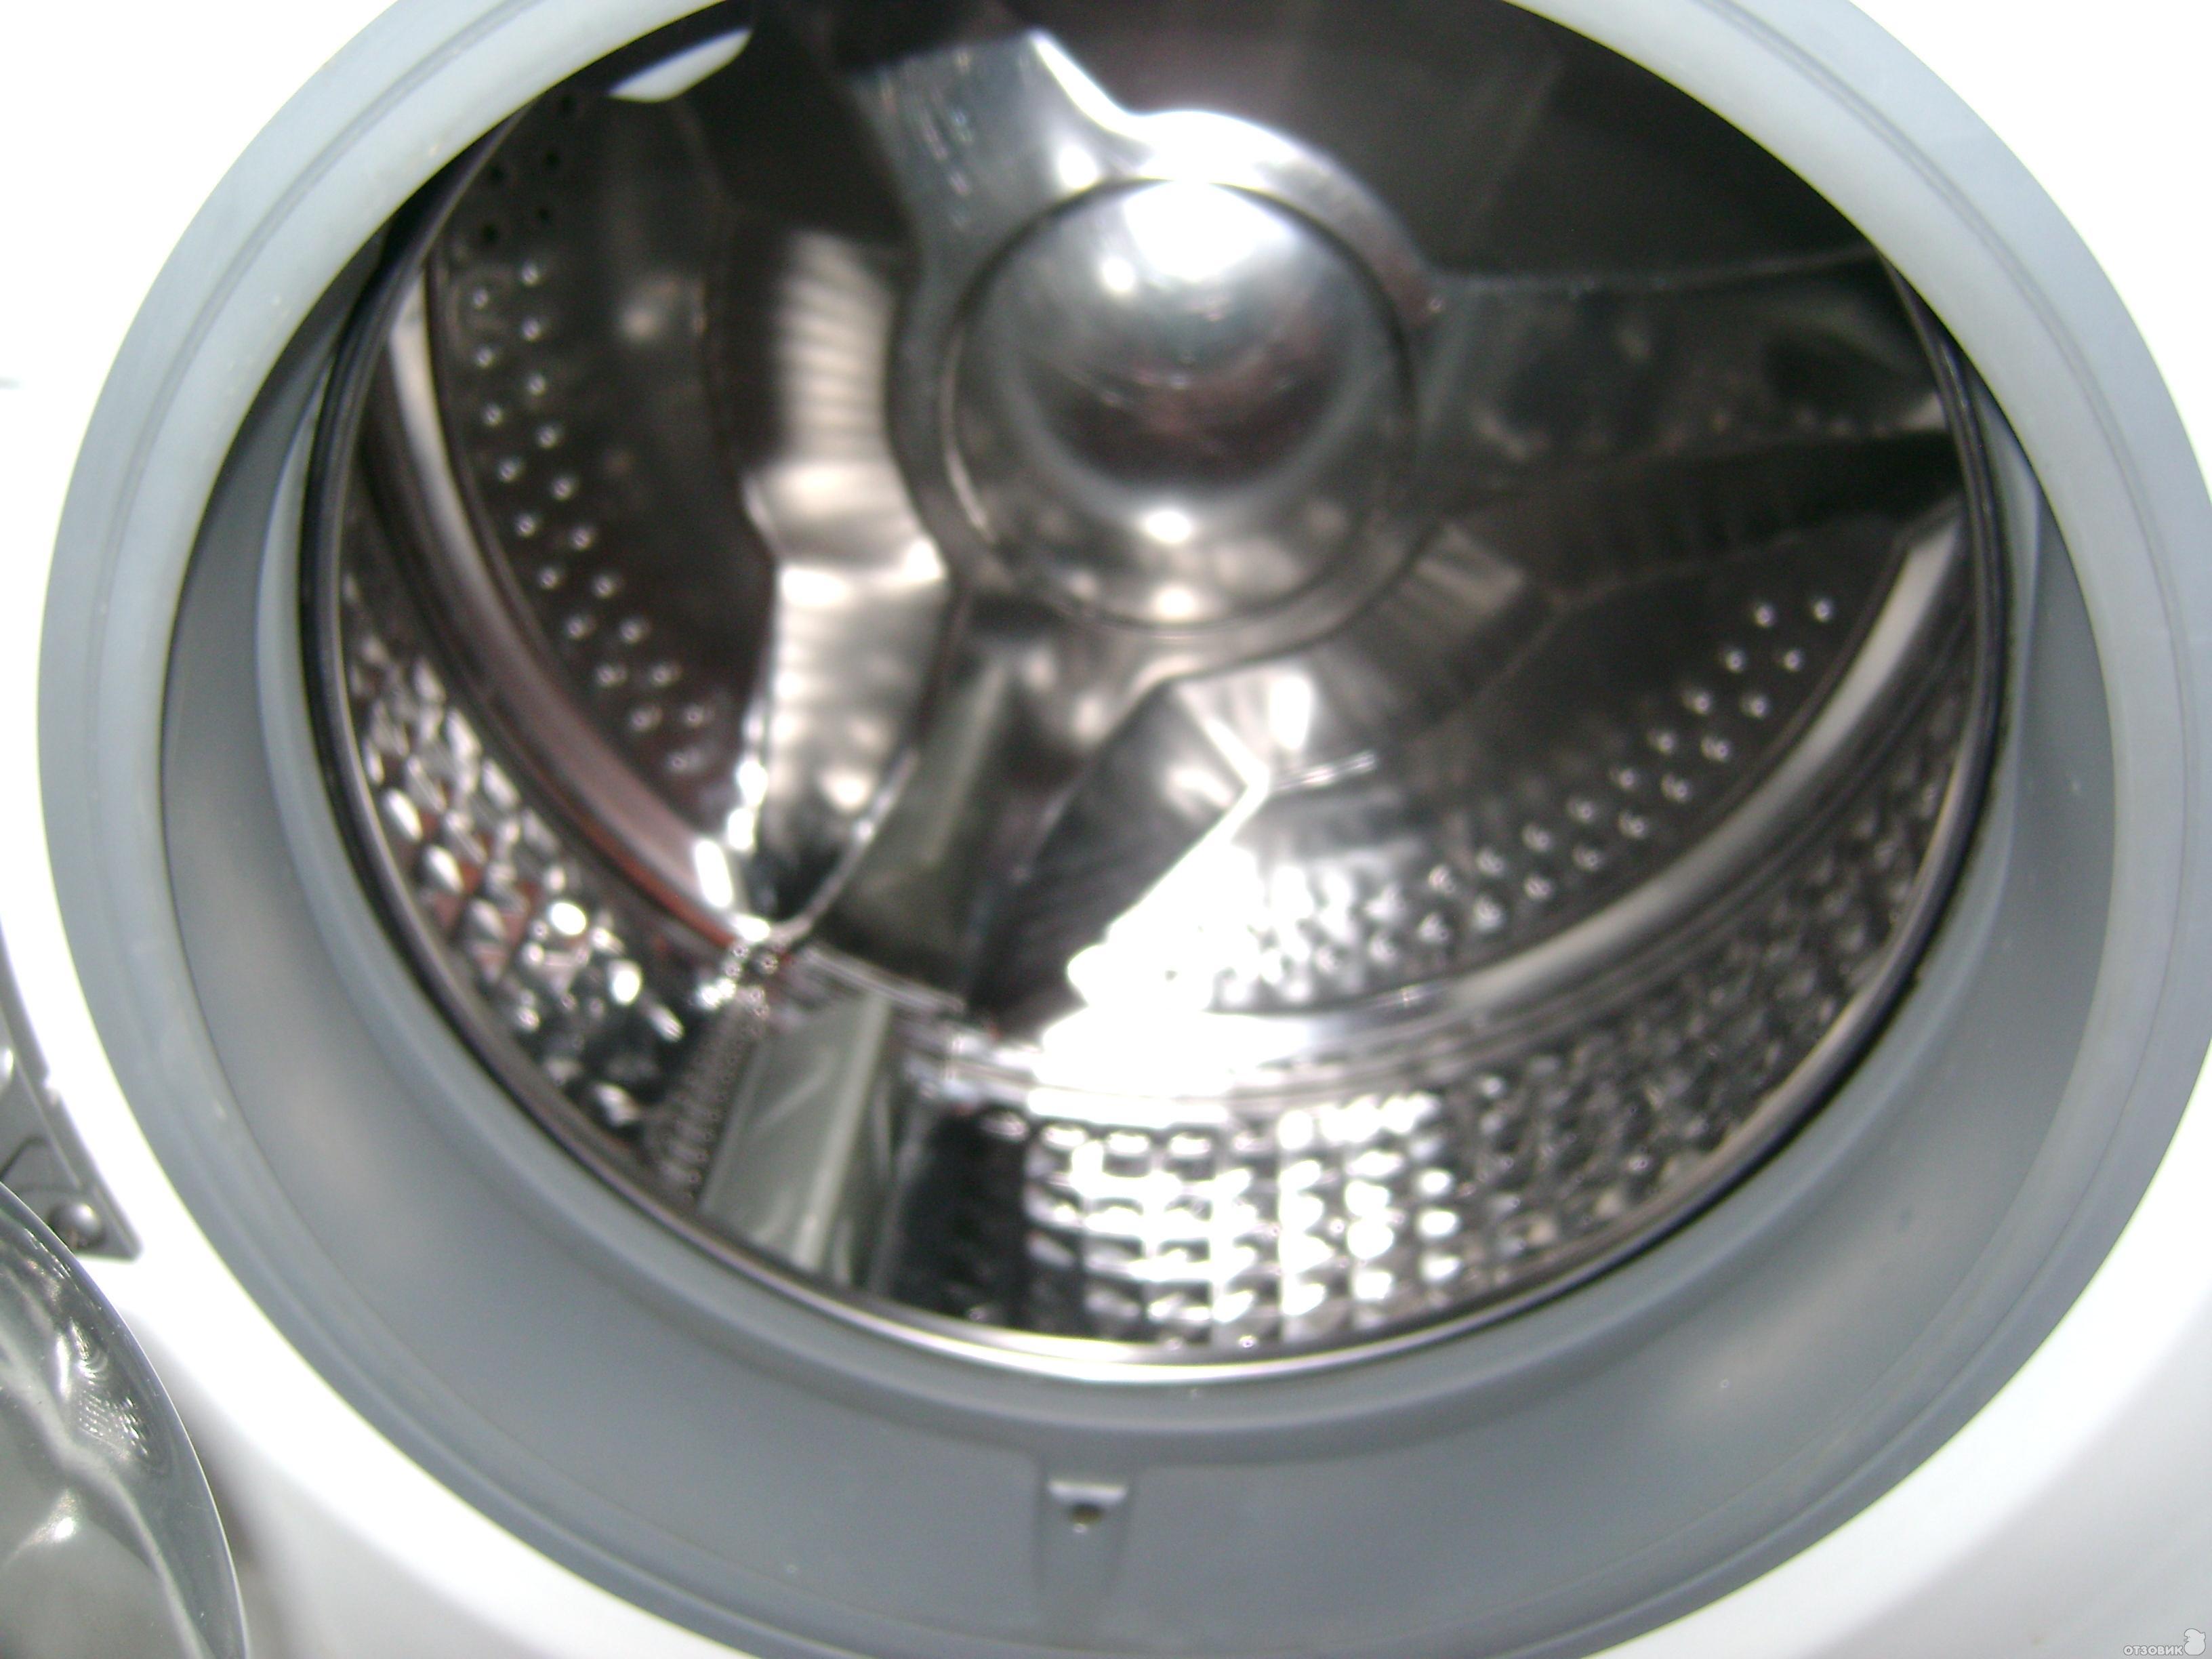 стиральная машинка вестел после переворачивания не включается лисицу плохим